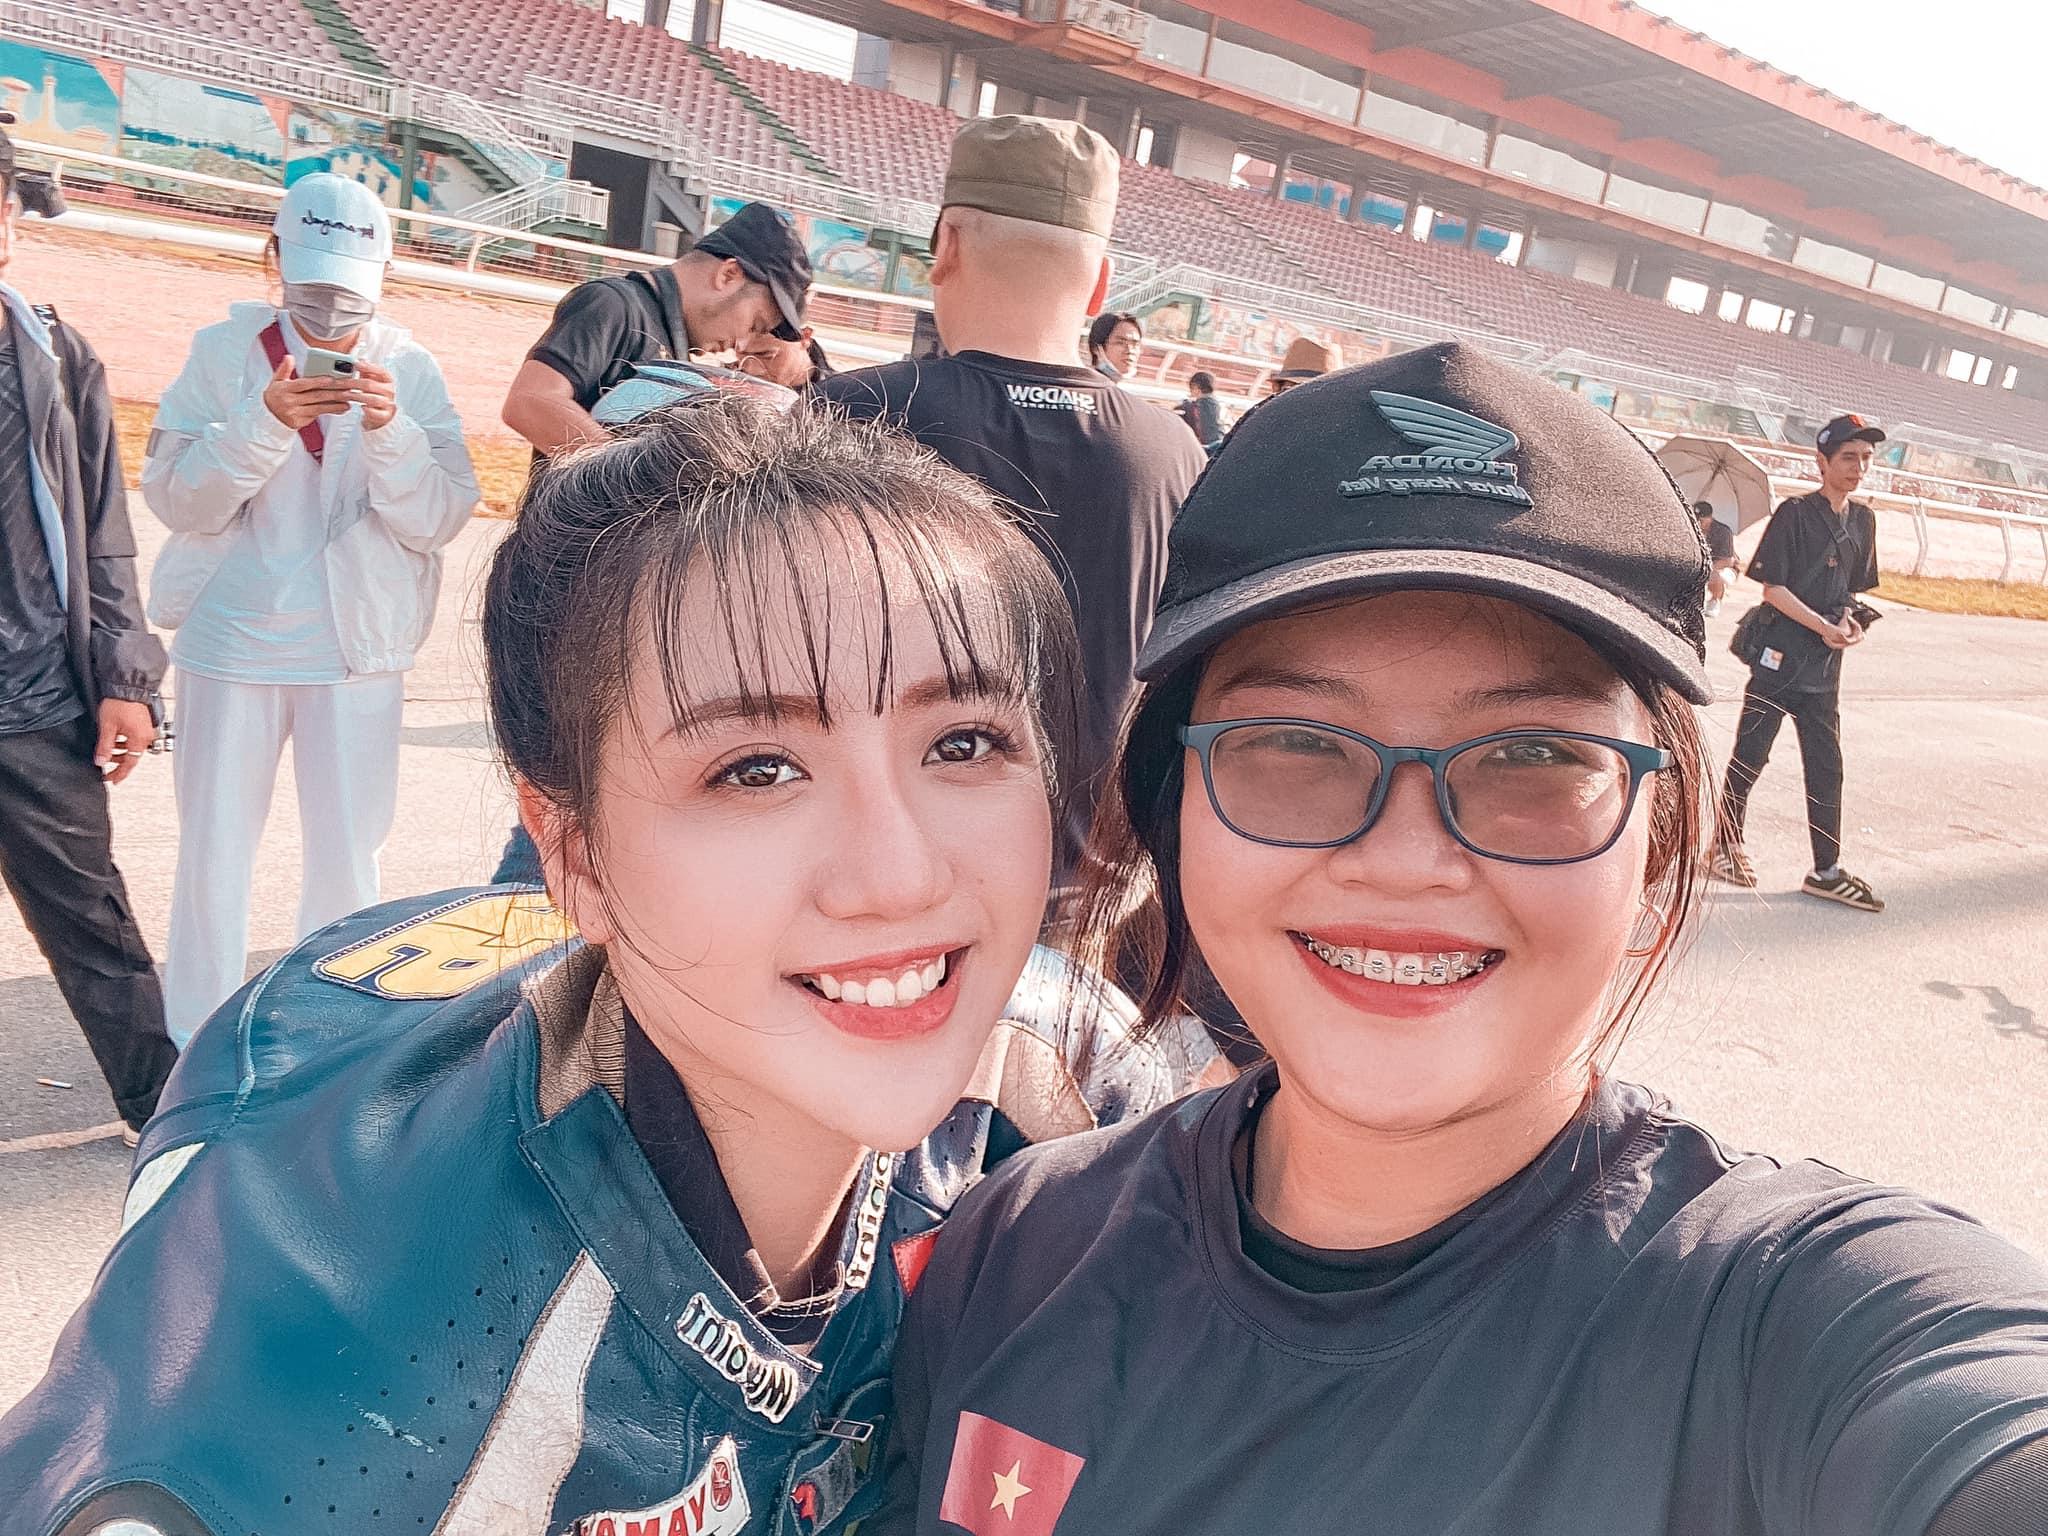 Phạm Đăng Anh Thư nổi tiếng với hit Thiên Đàng cùng rapper Wowy tham gia giải đua Awakening Road 2021 345465